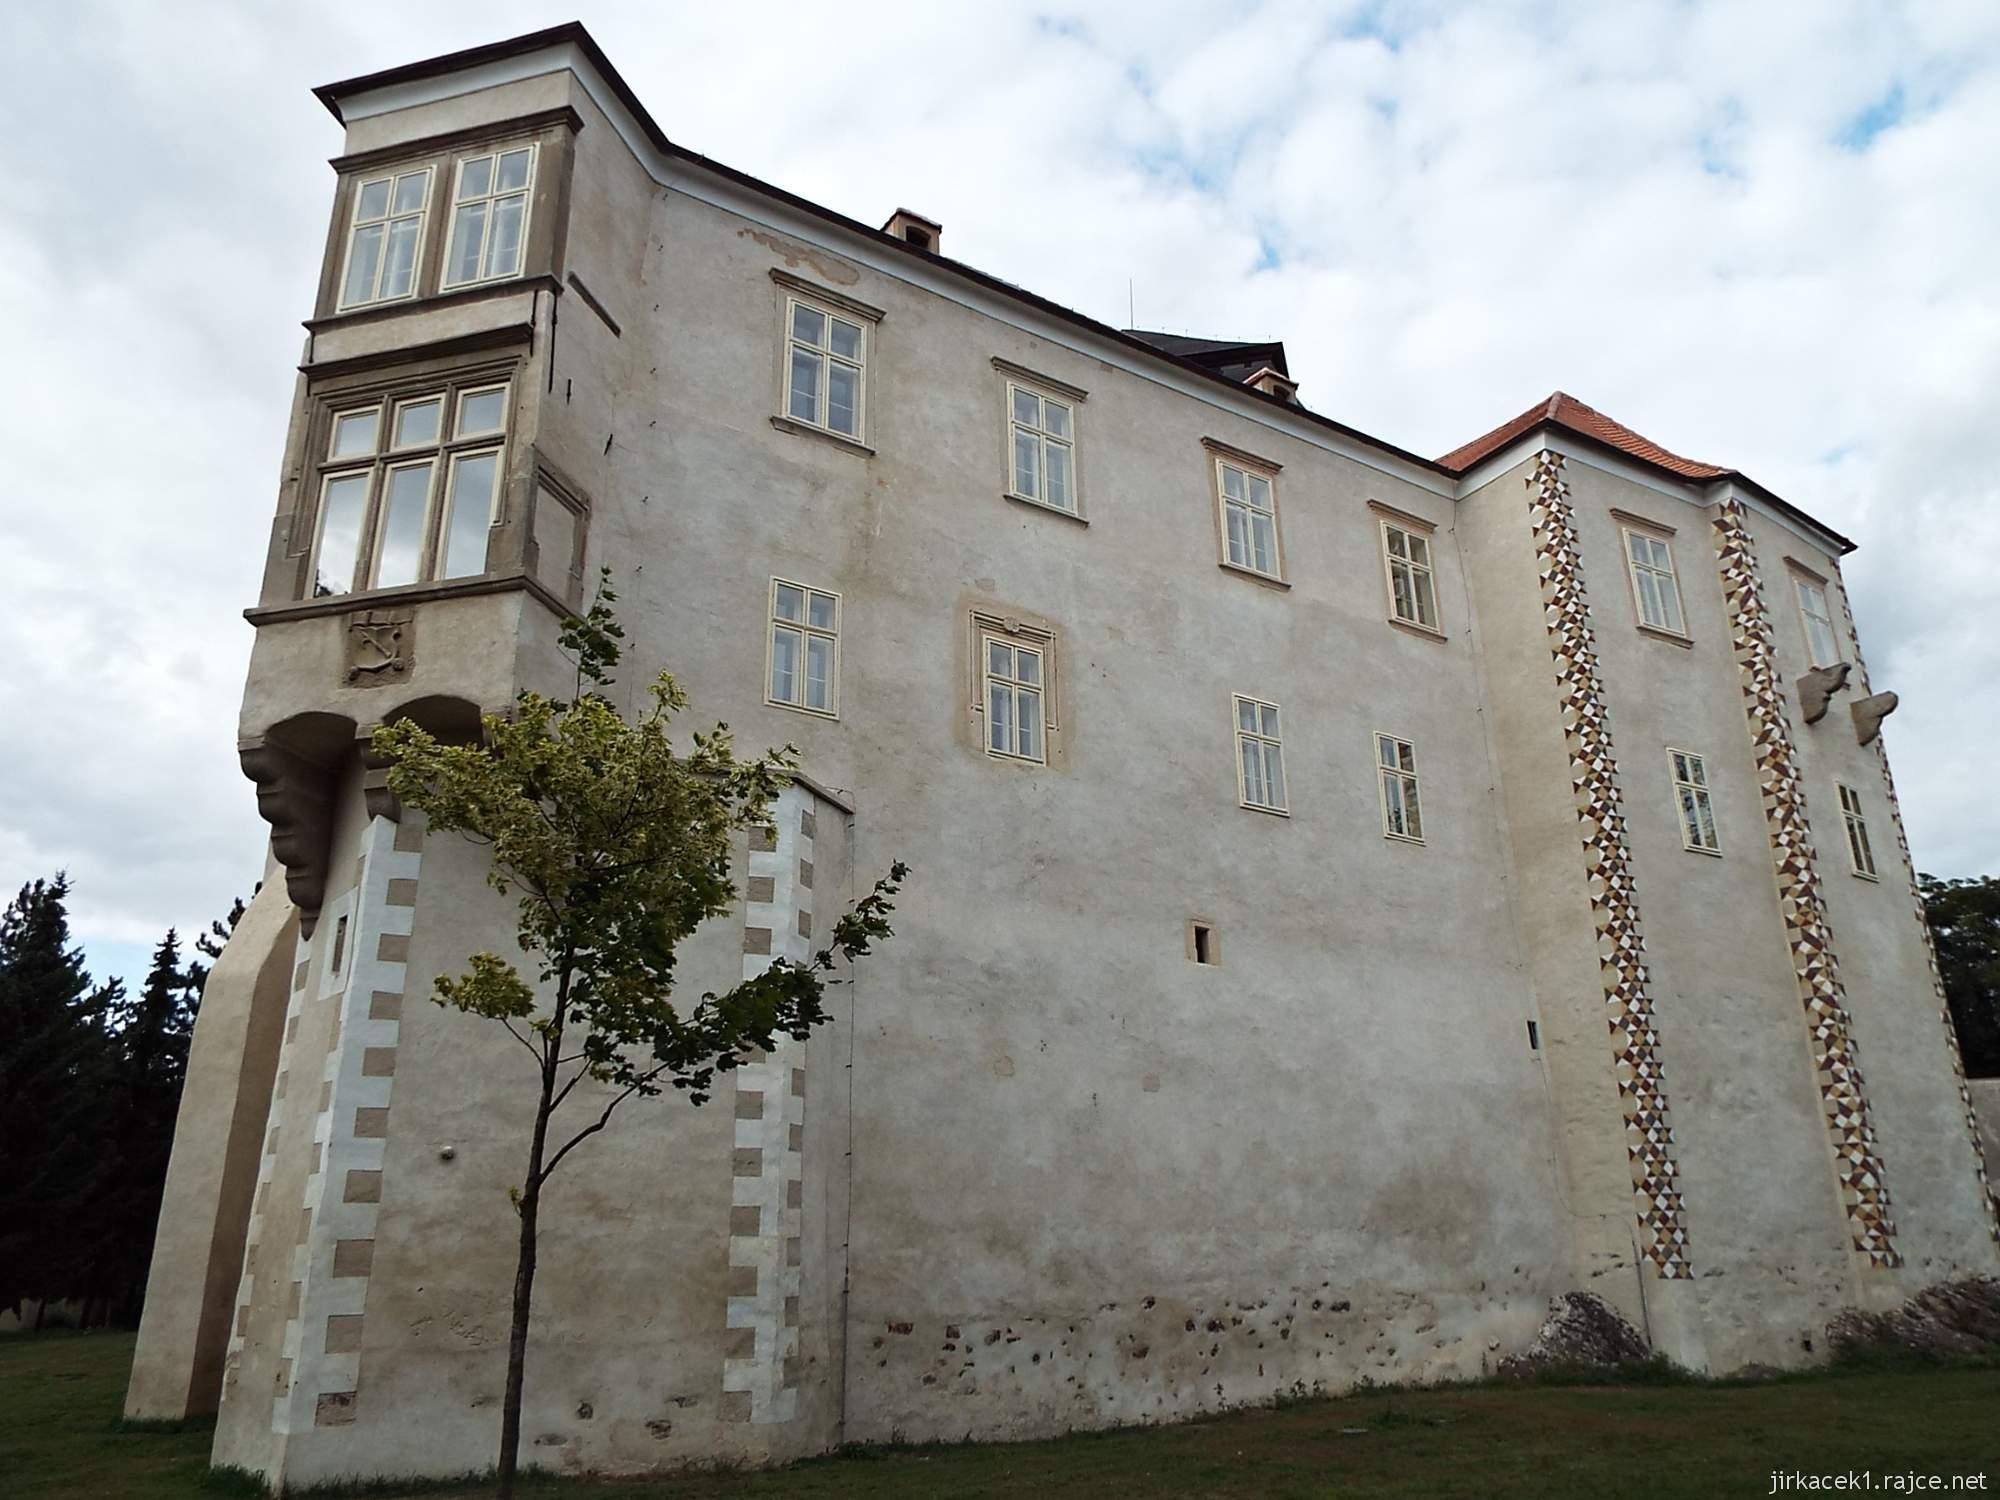 zámek Miroslav 61 - zámek s arkýřem